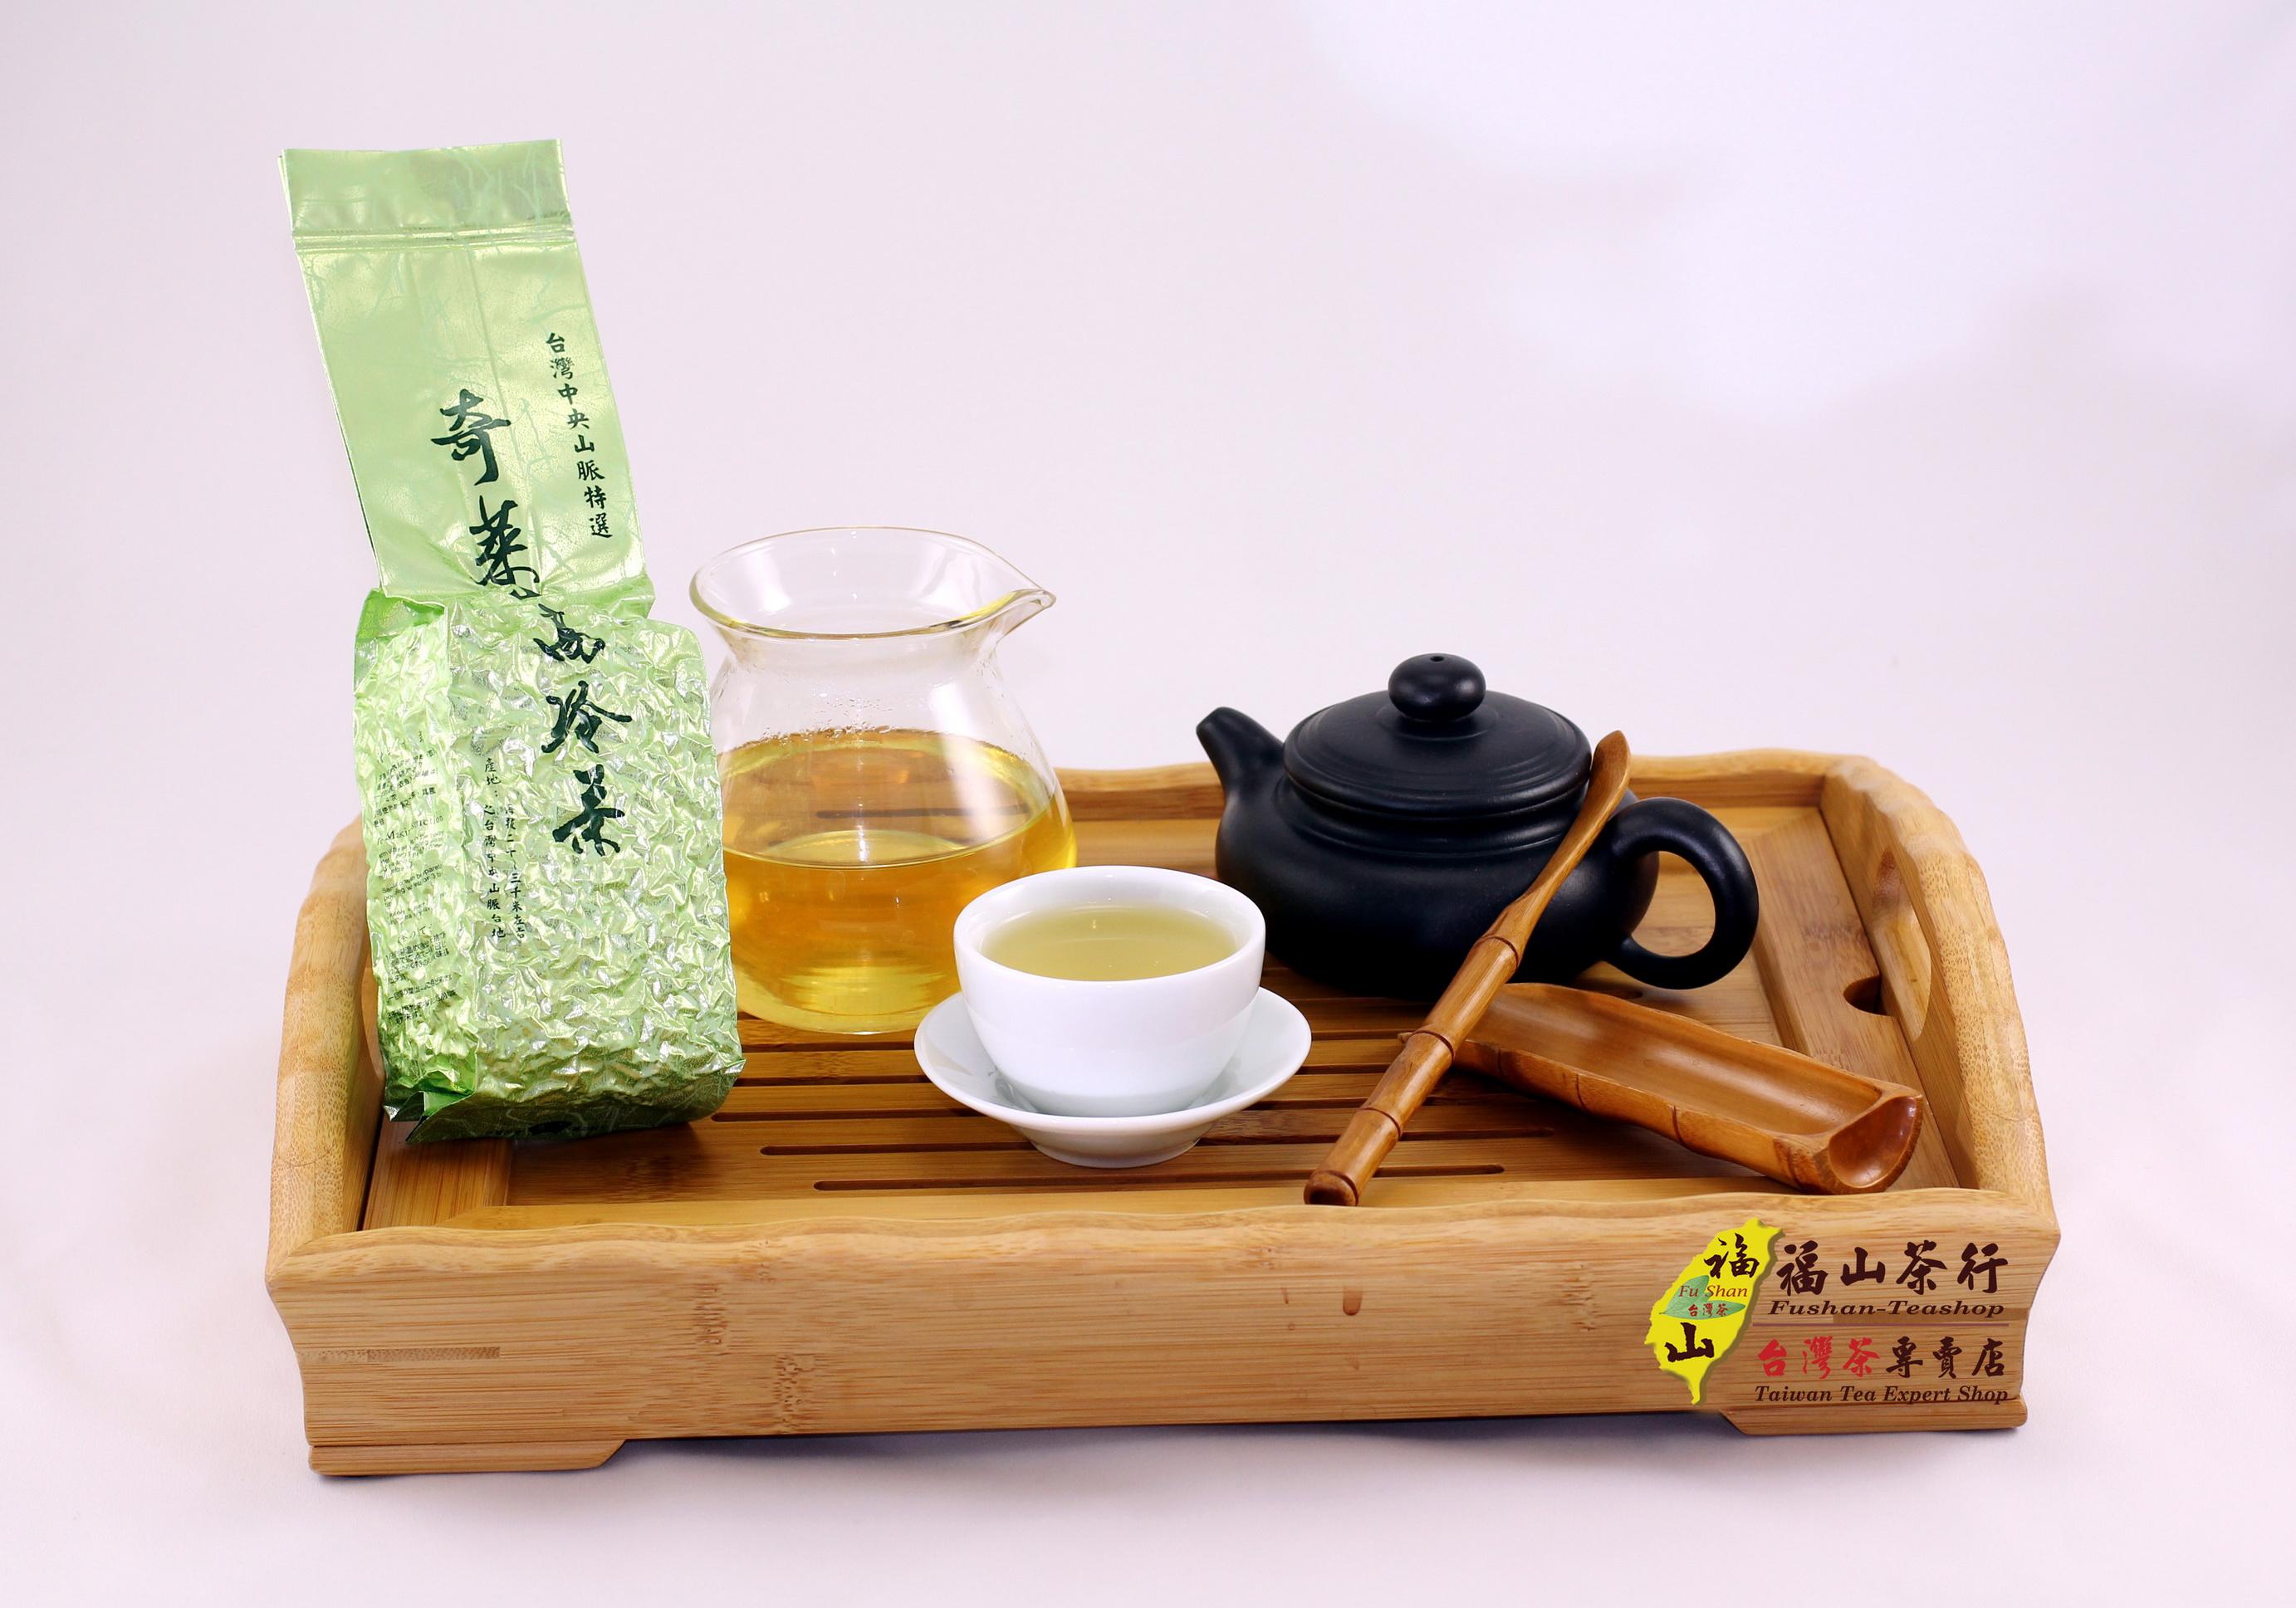 奇萊山高冷茶【清香型】